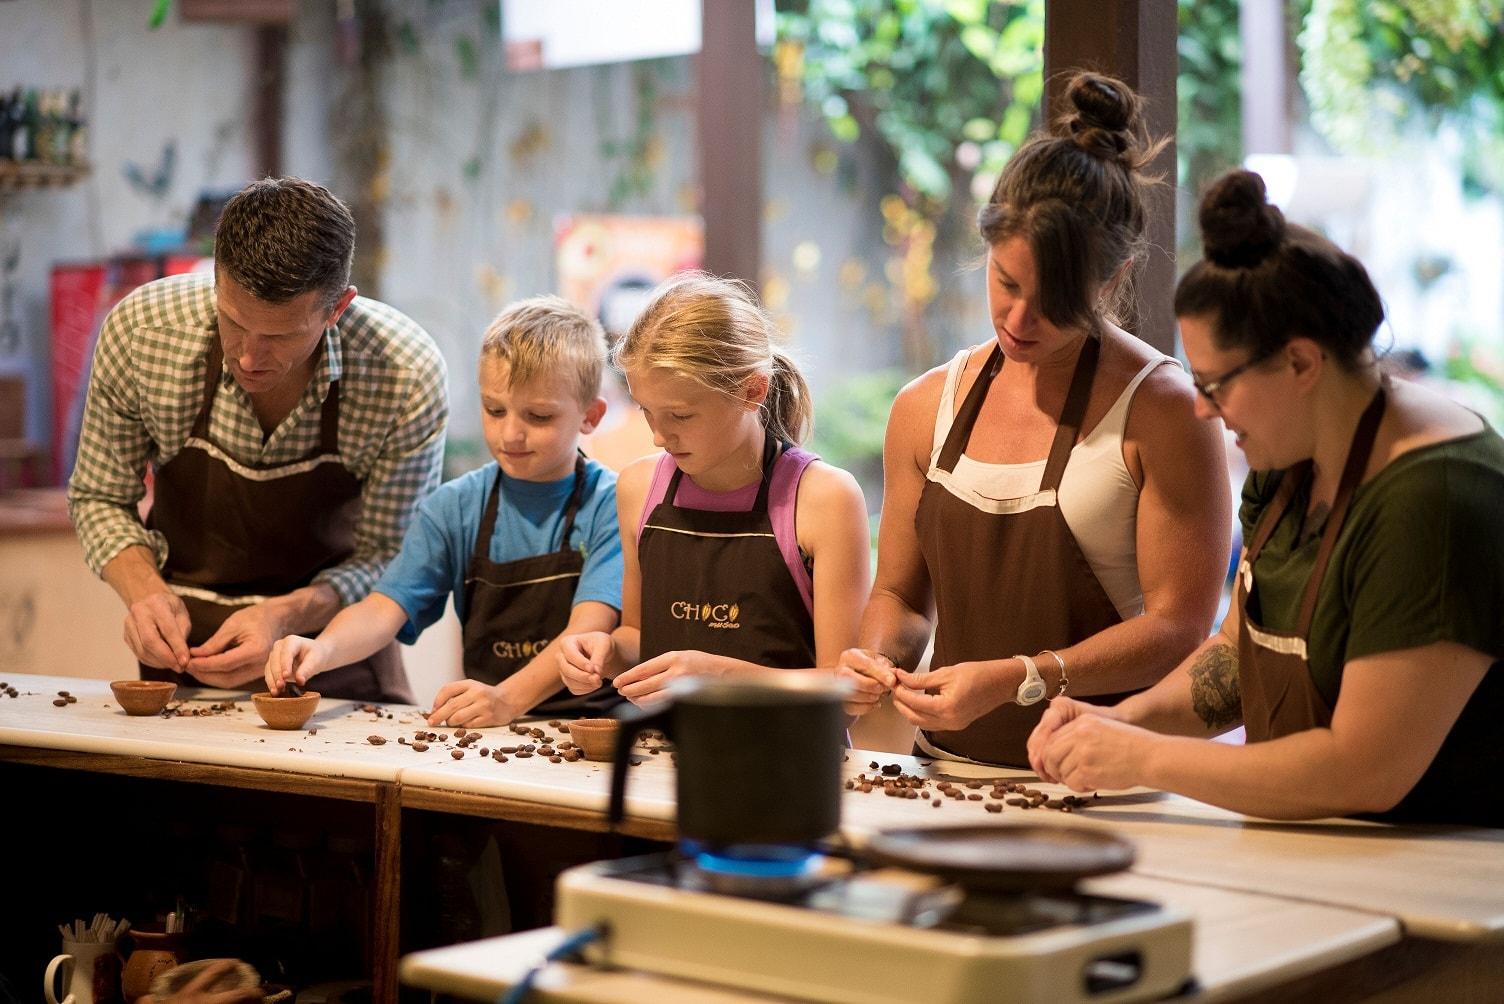 personas moldeando chocolate en chocomuseo